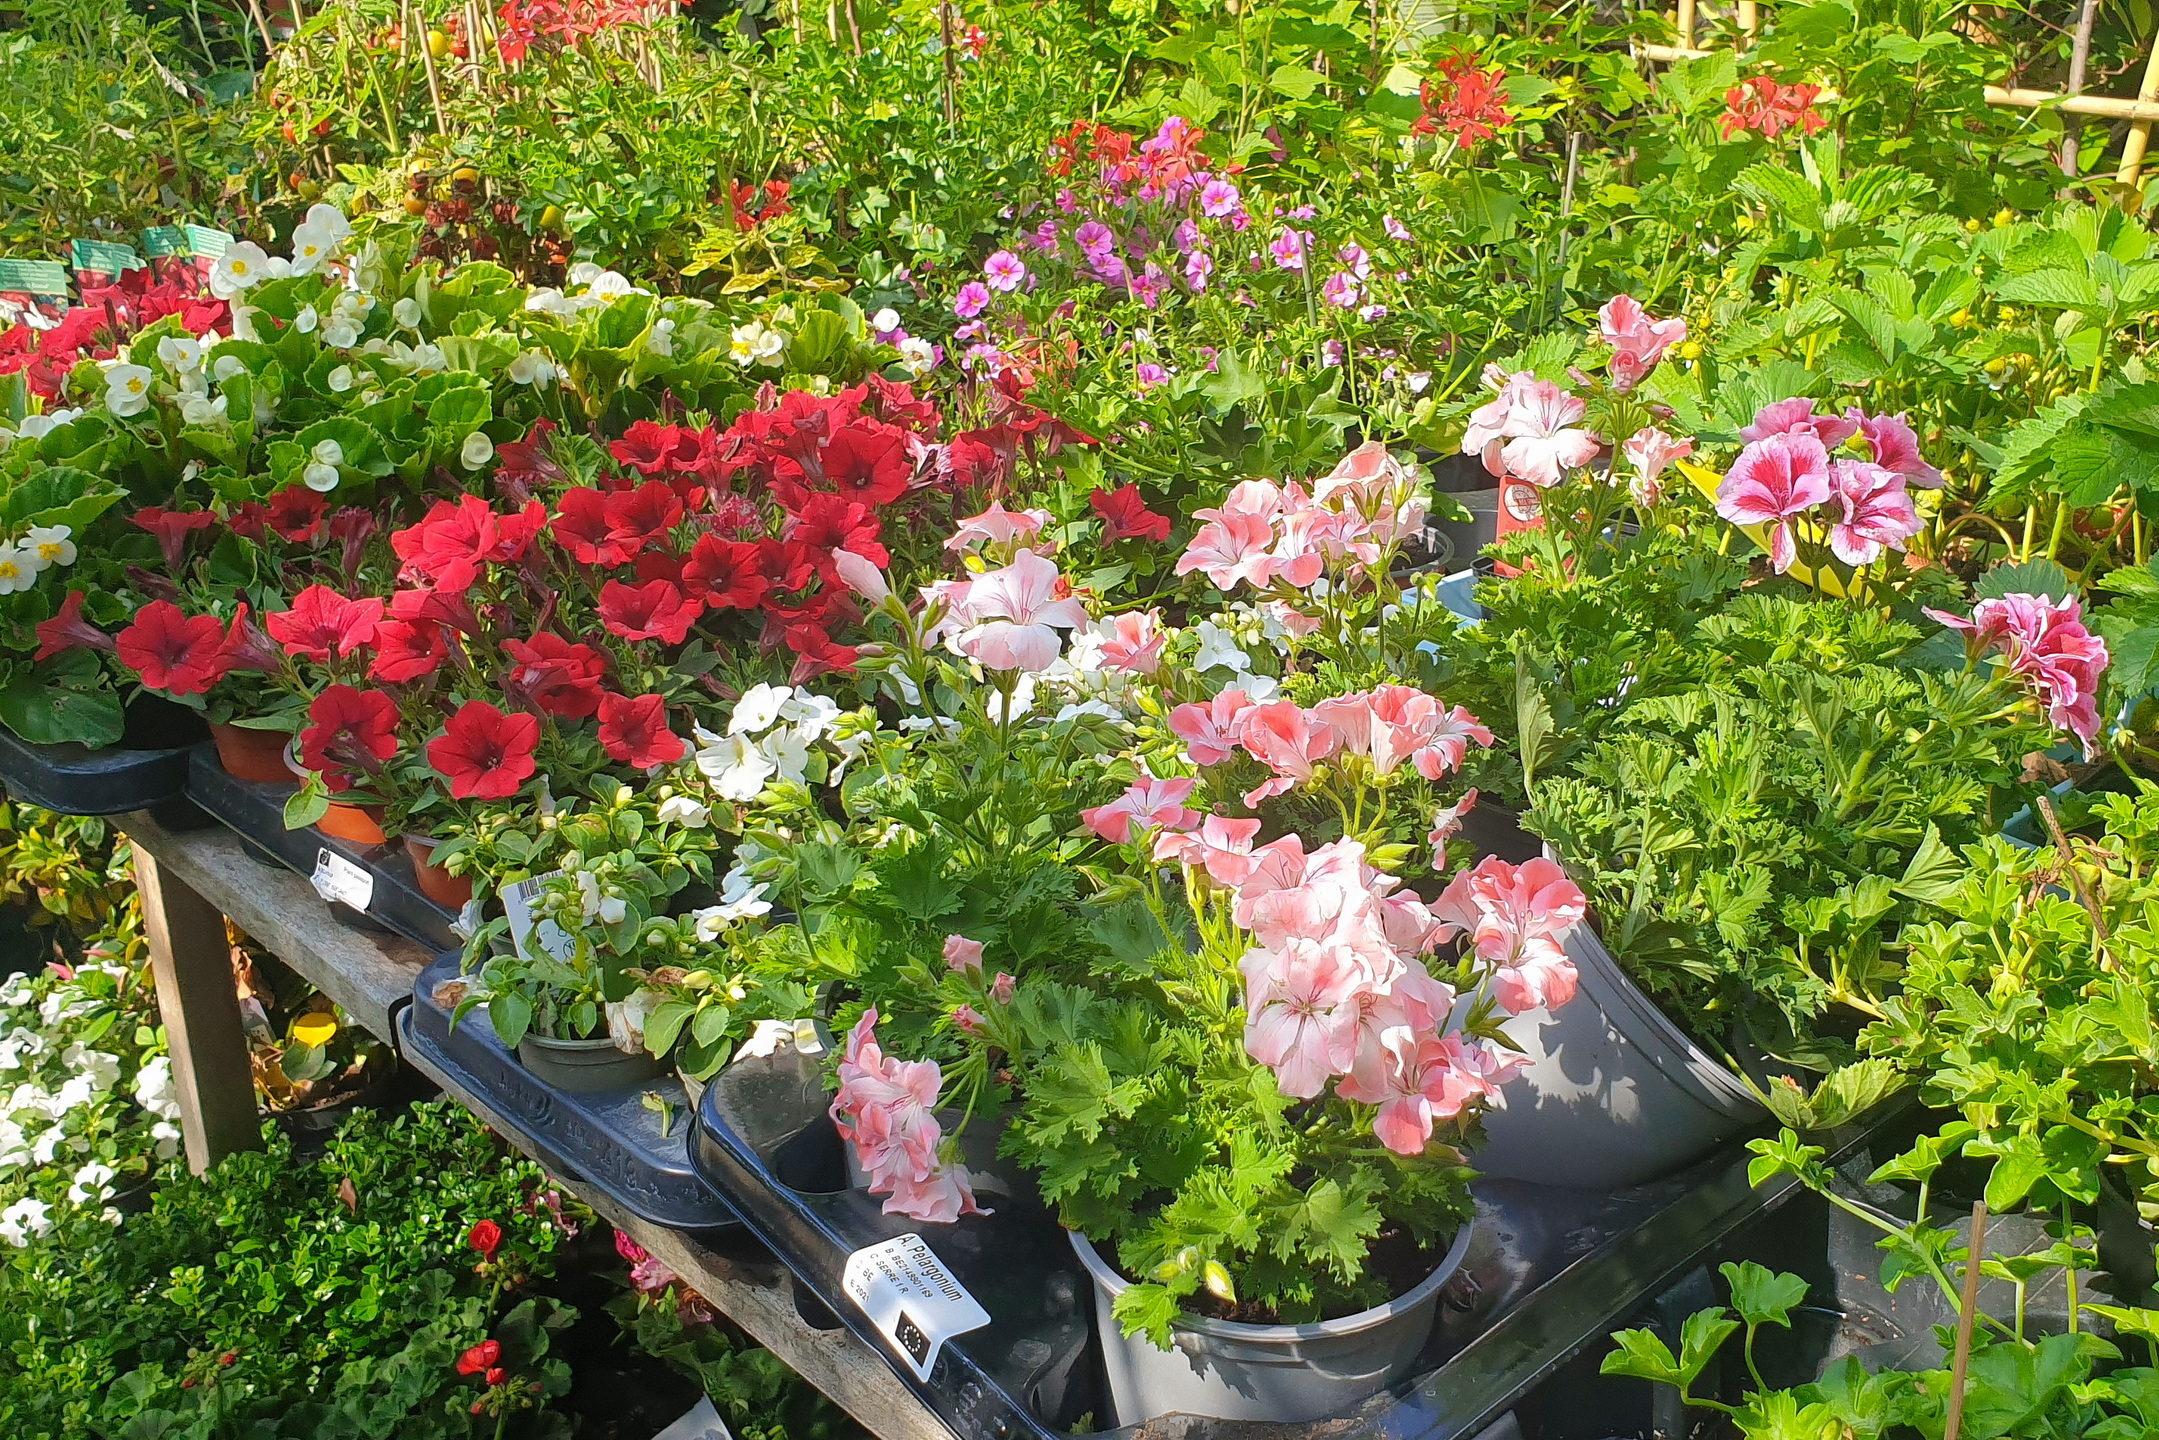 Le-jardin-des-oliviers-21-06-12-18.jpg